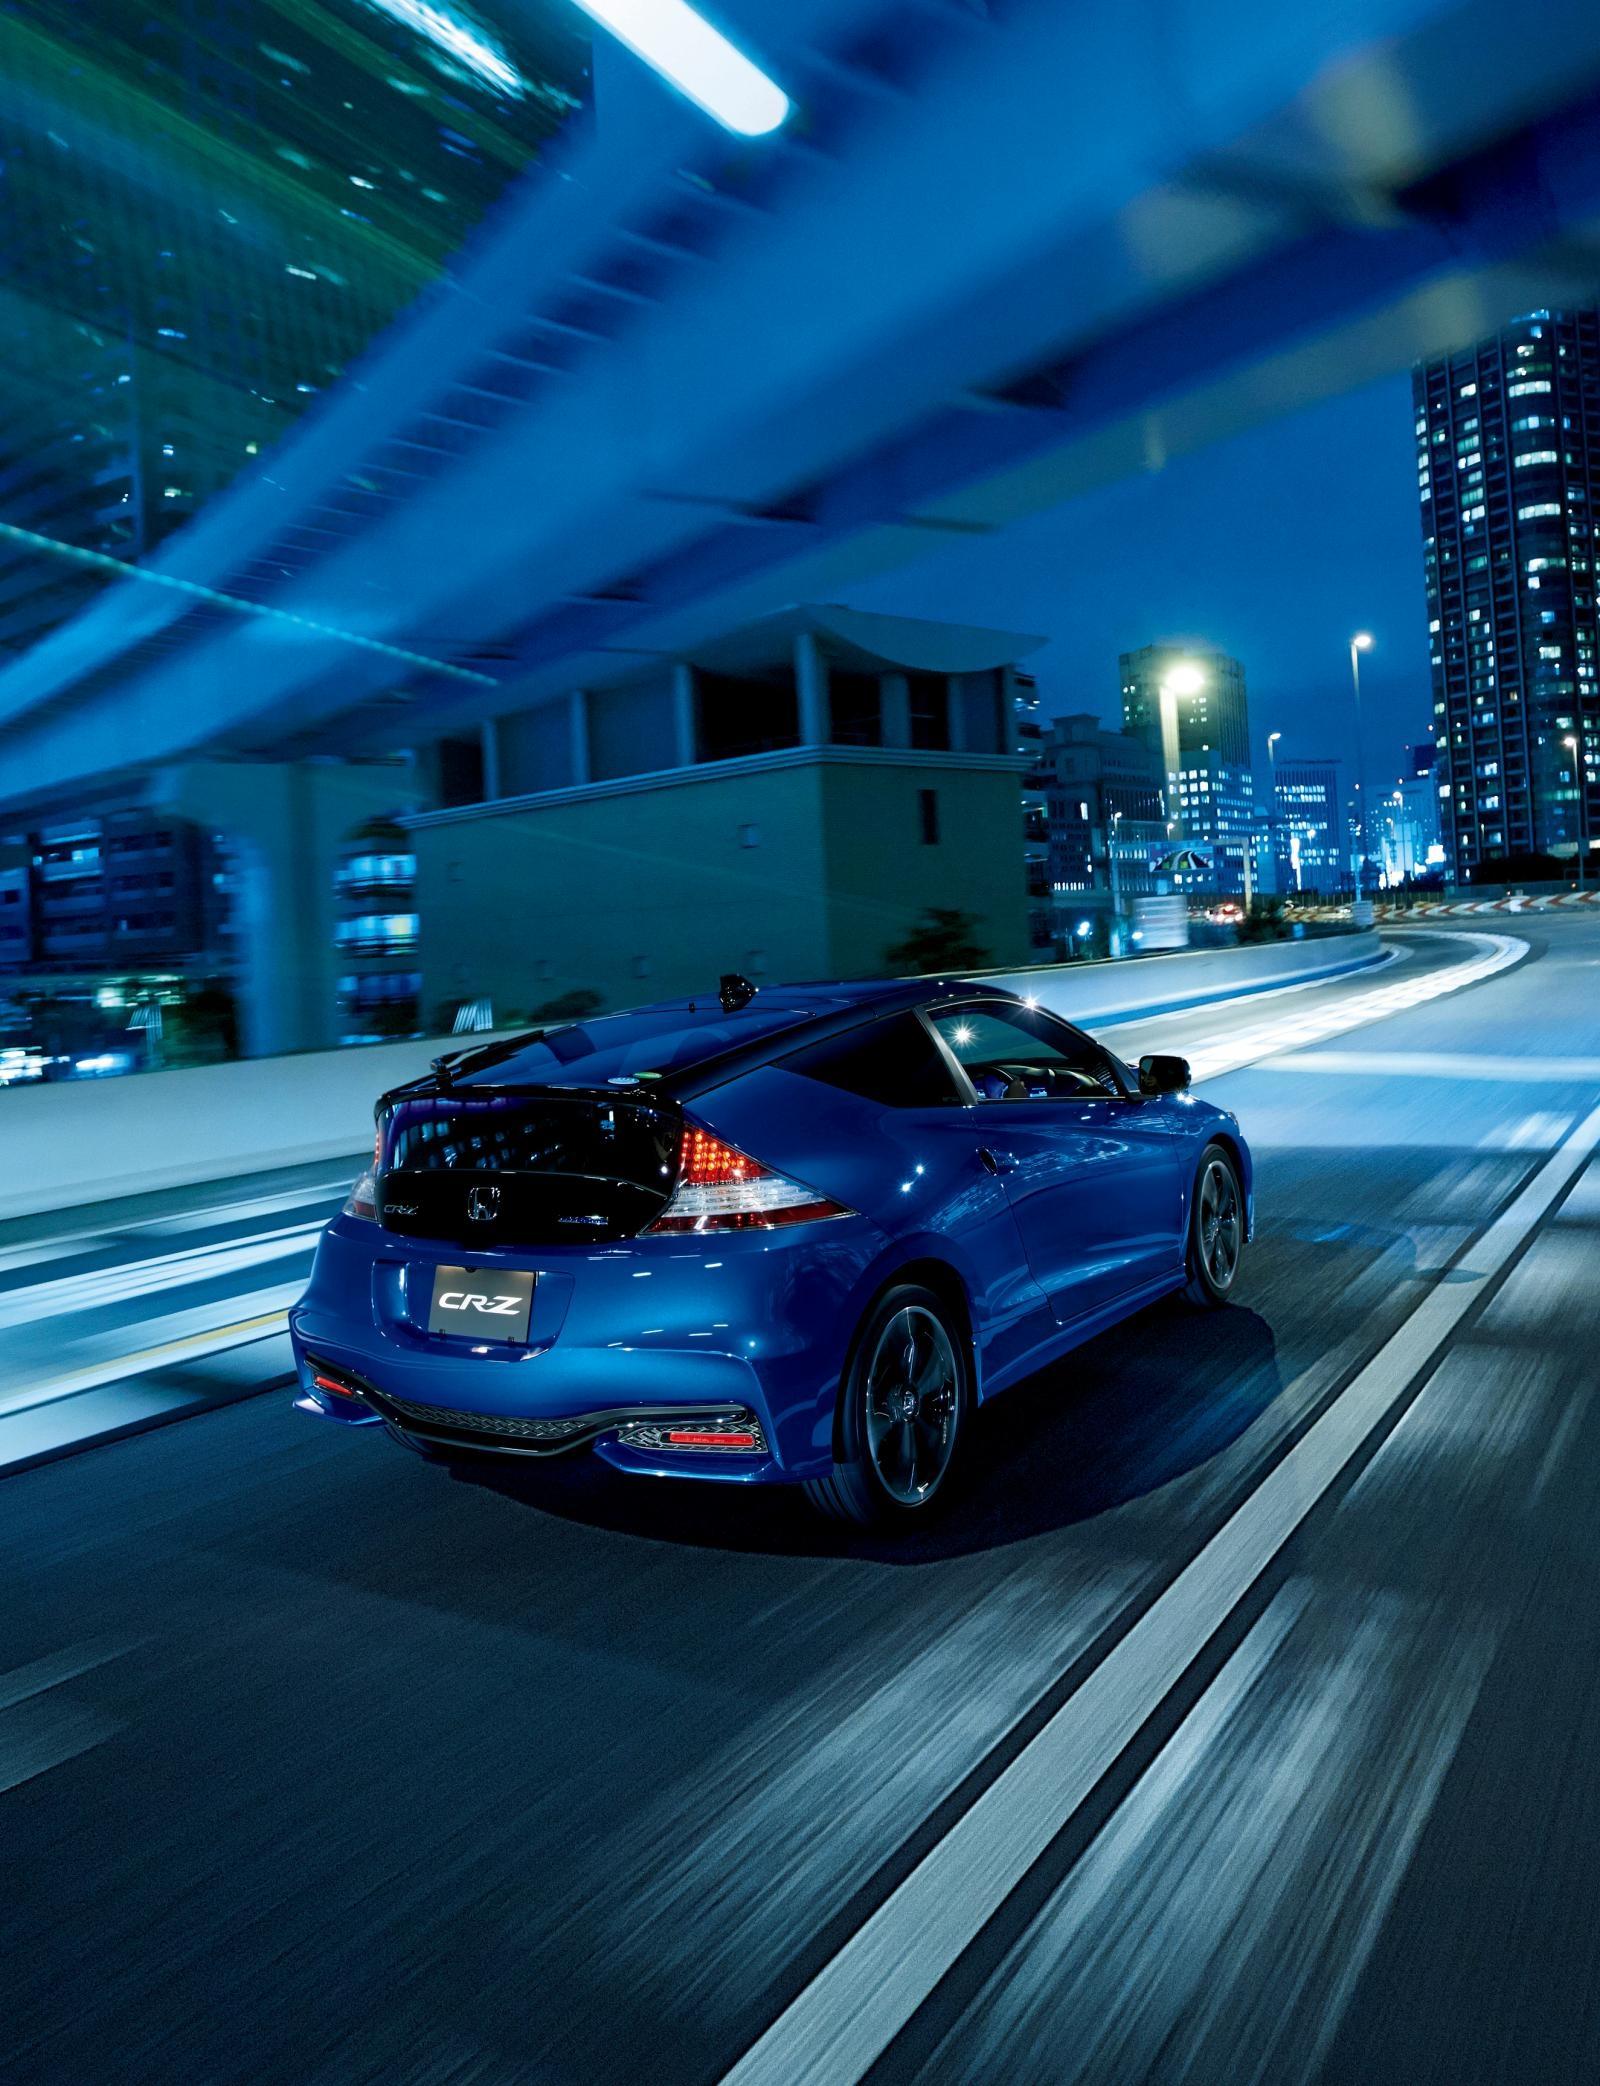 [Image: S0-Honda-officialise-le-restylage-du-CR-Z-360060.jpg]